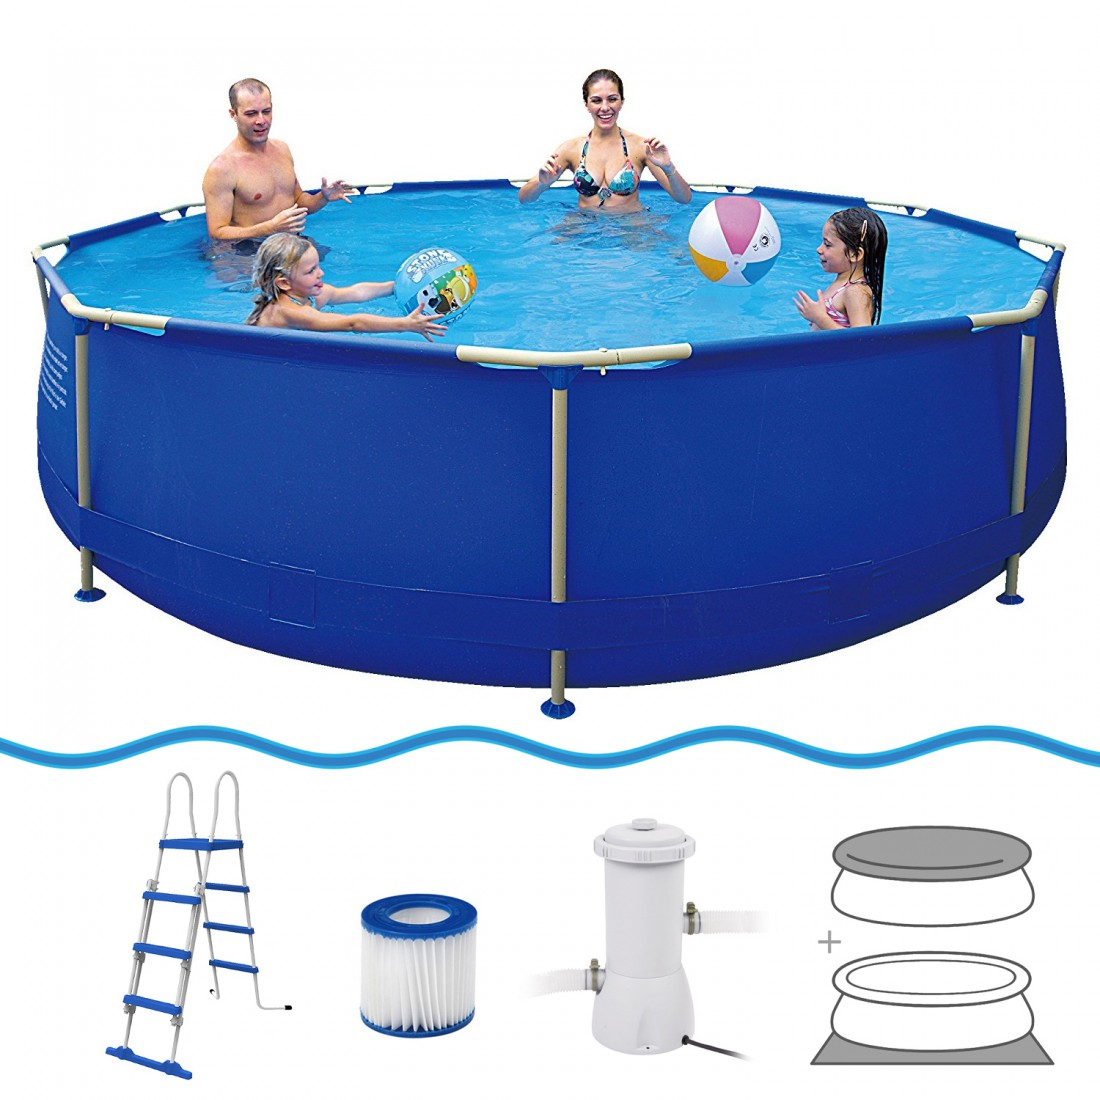 Achetez jilong sirocco blue 450h set piscine cadre en for Bache fond piscine